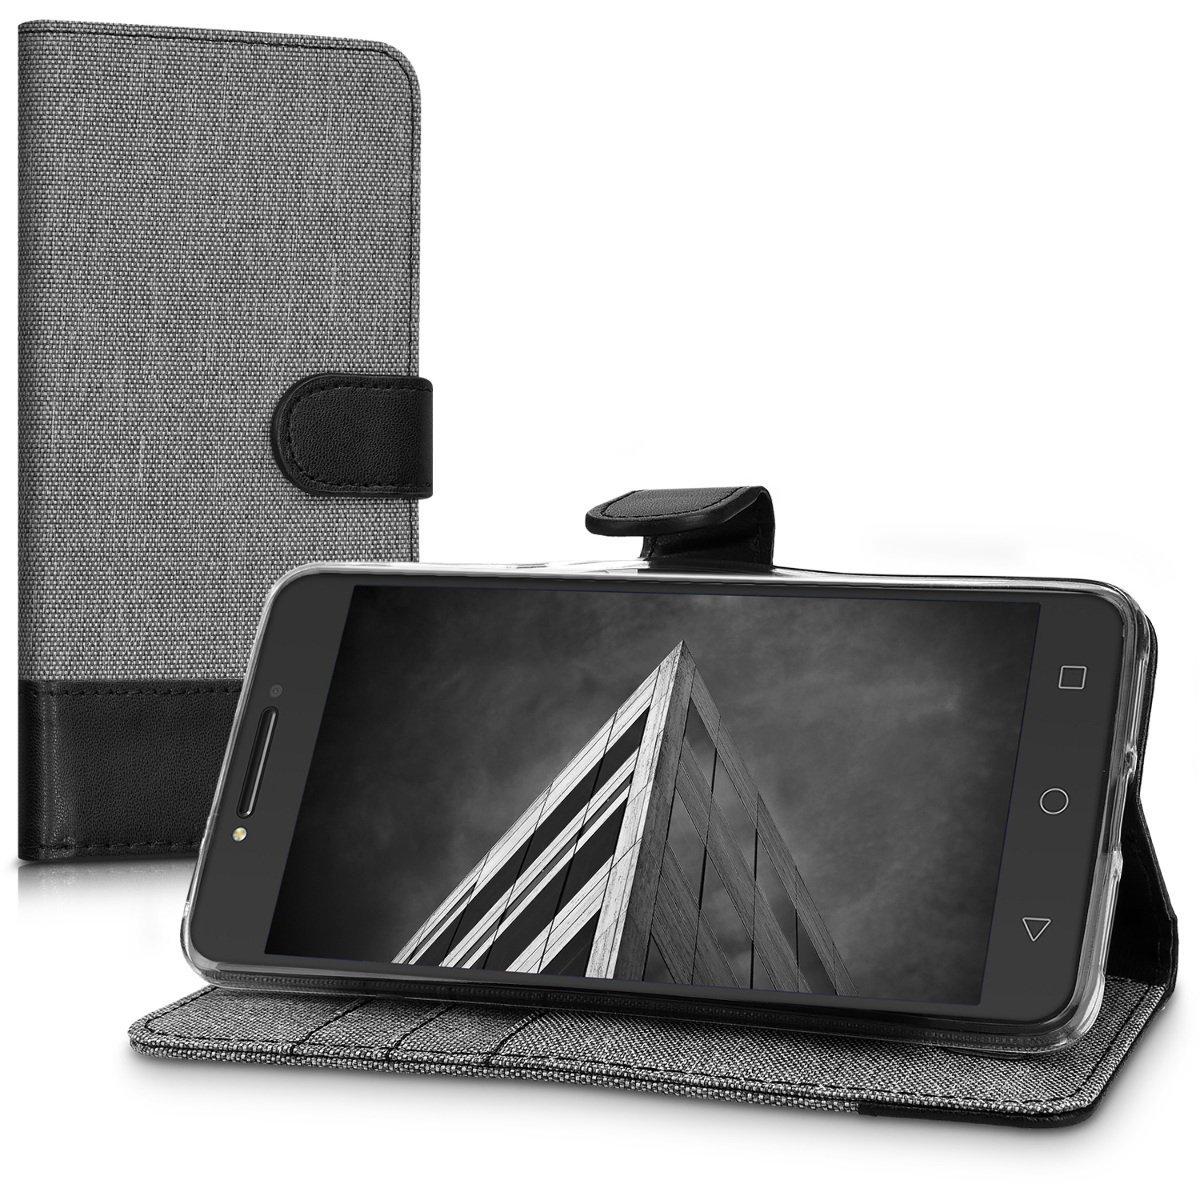 KW Θήκη Πορτοφόλι Alcatel A5 LED - Grey / Black Canvas (42142.22)